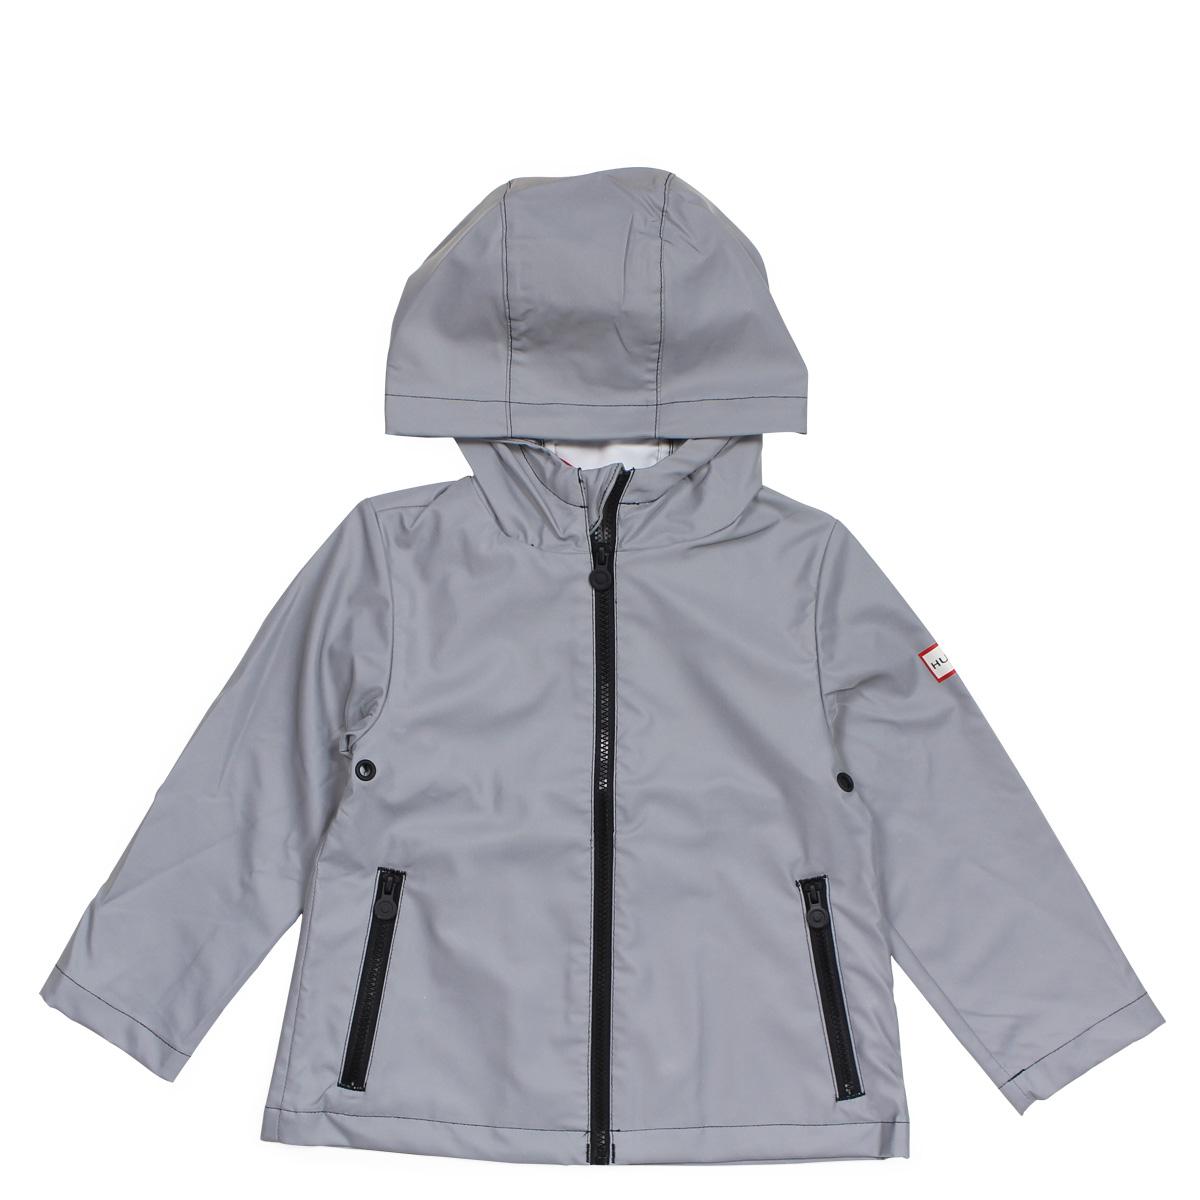 HUNTER TODDLERS' PACKABLE RAIN COAT hunter raincoat kids rain jacket rain  outfit target TARGET silver 53139 [185]